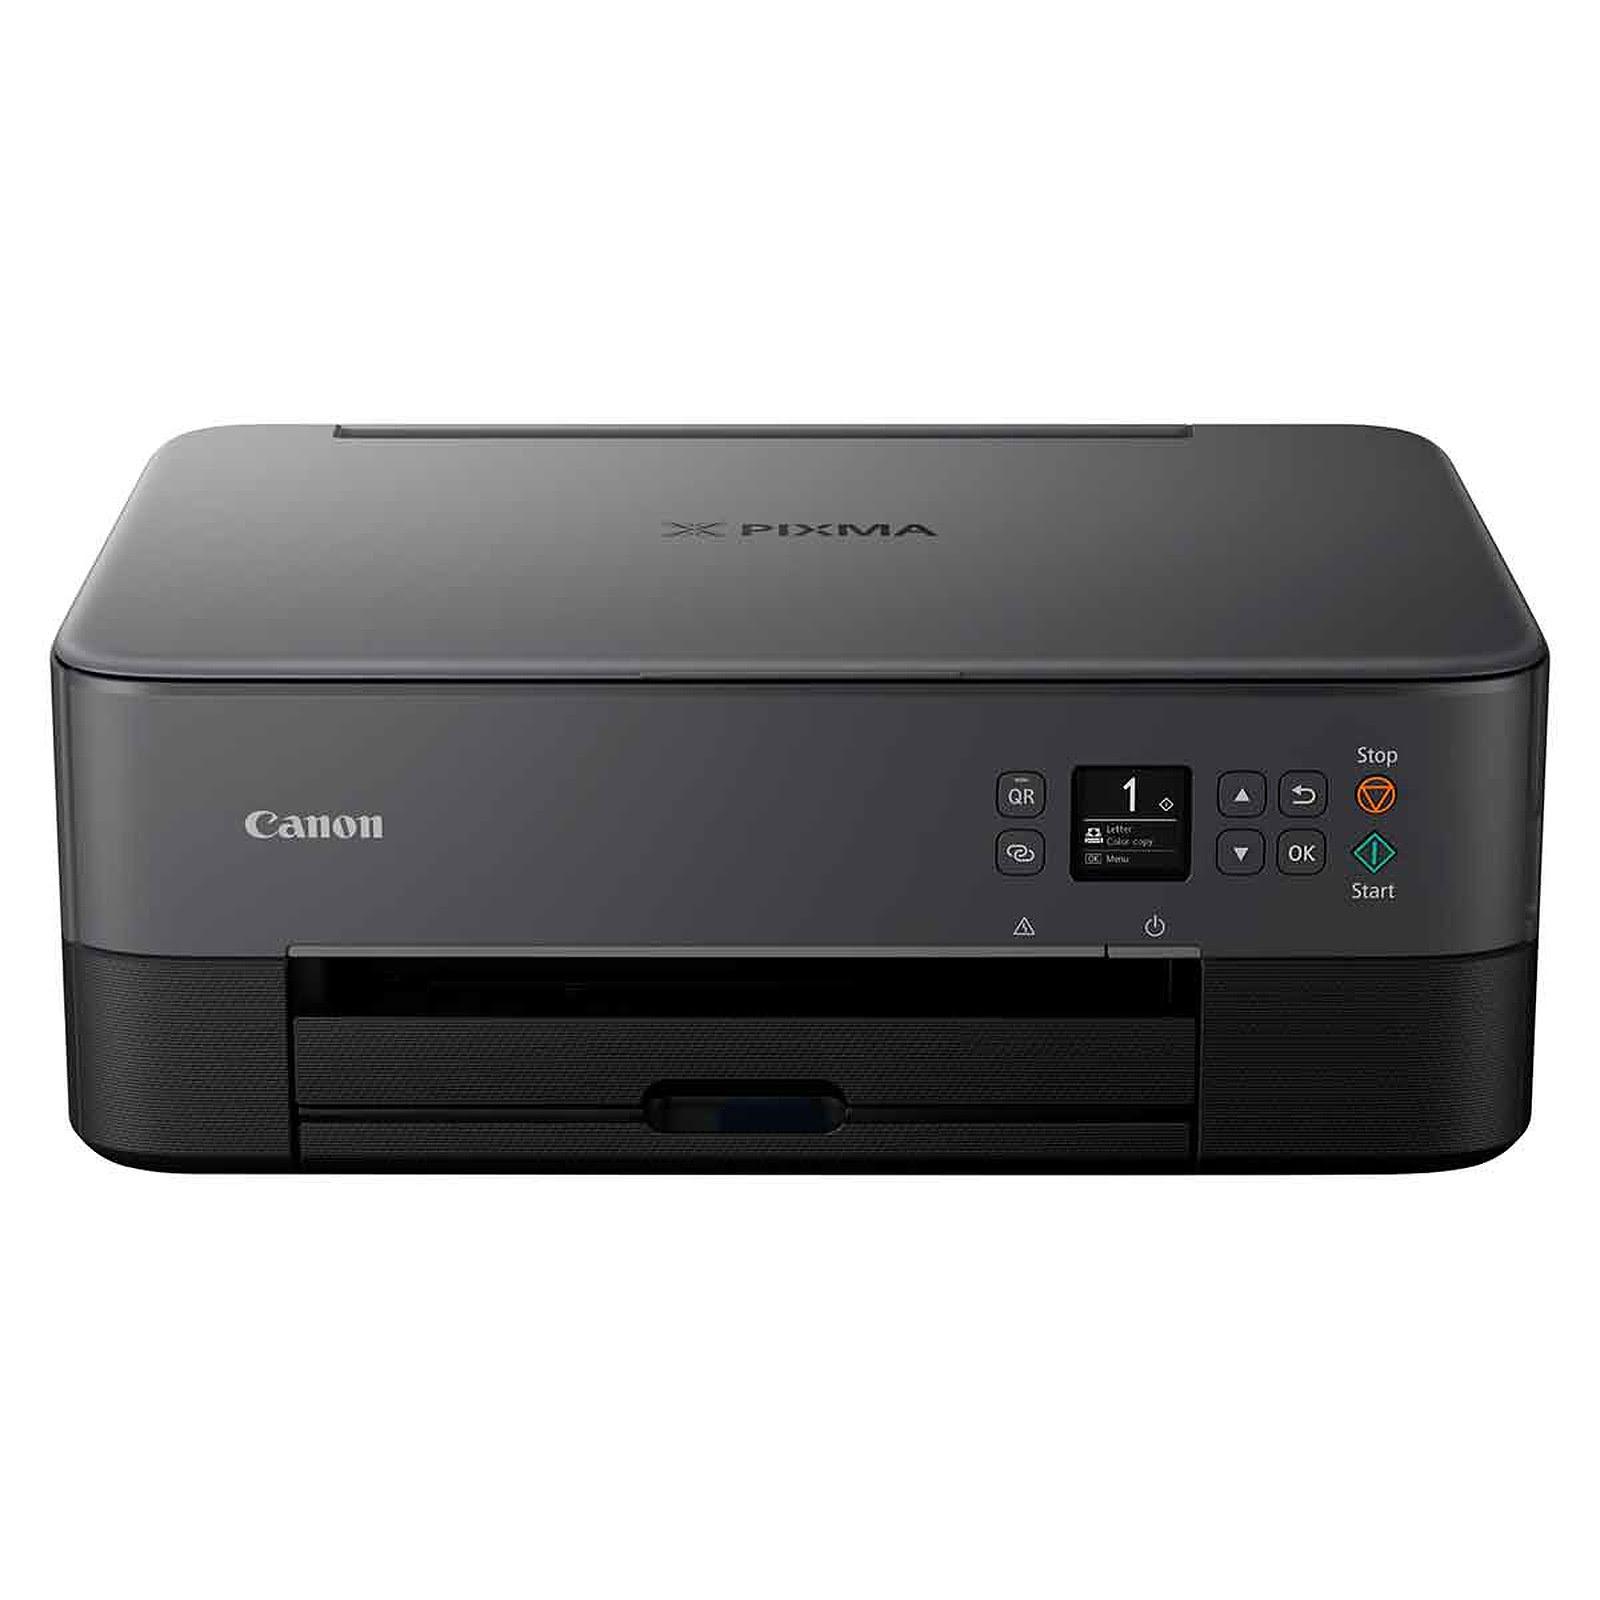 Imprimante multifonction Canon PIXMA TS5350 - Cybertek.fr - 0